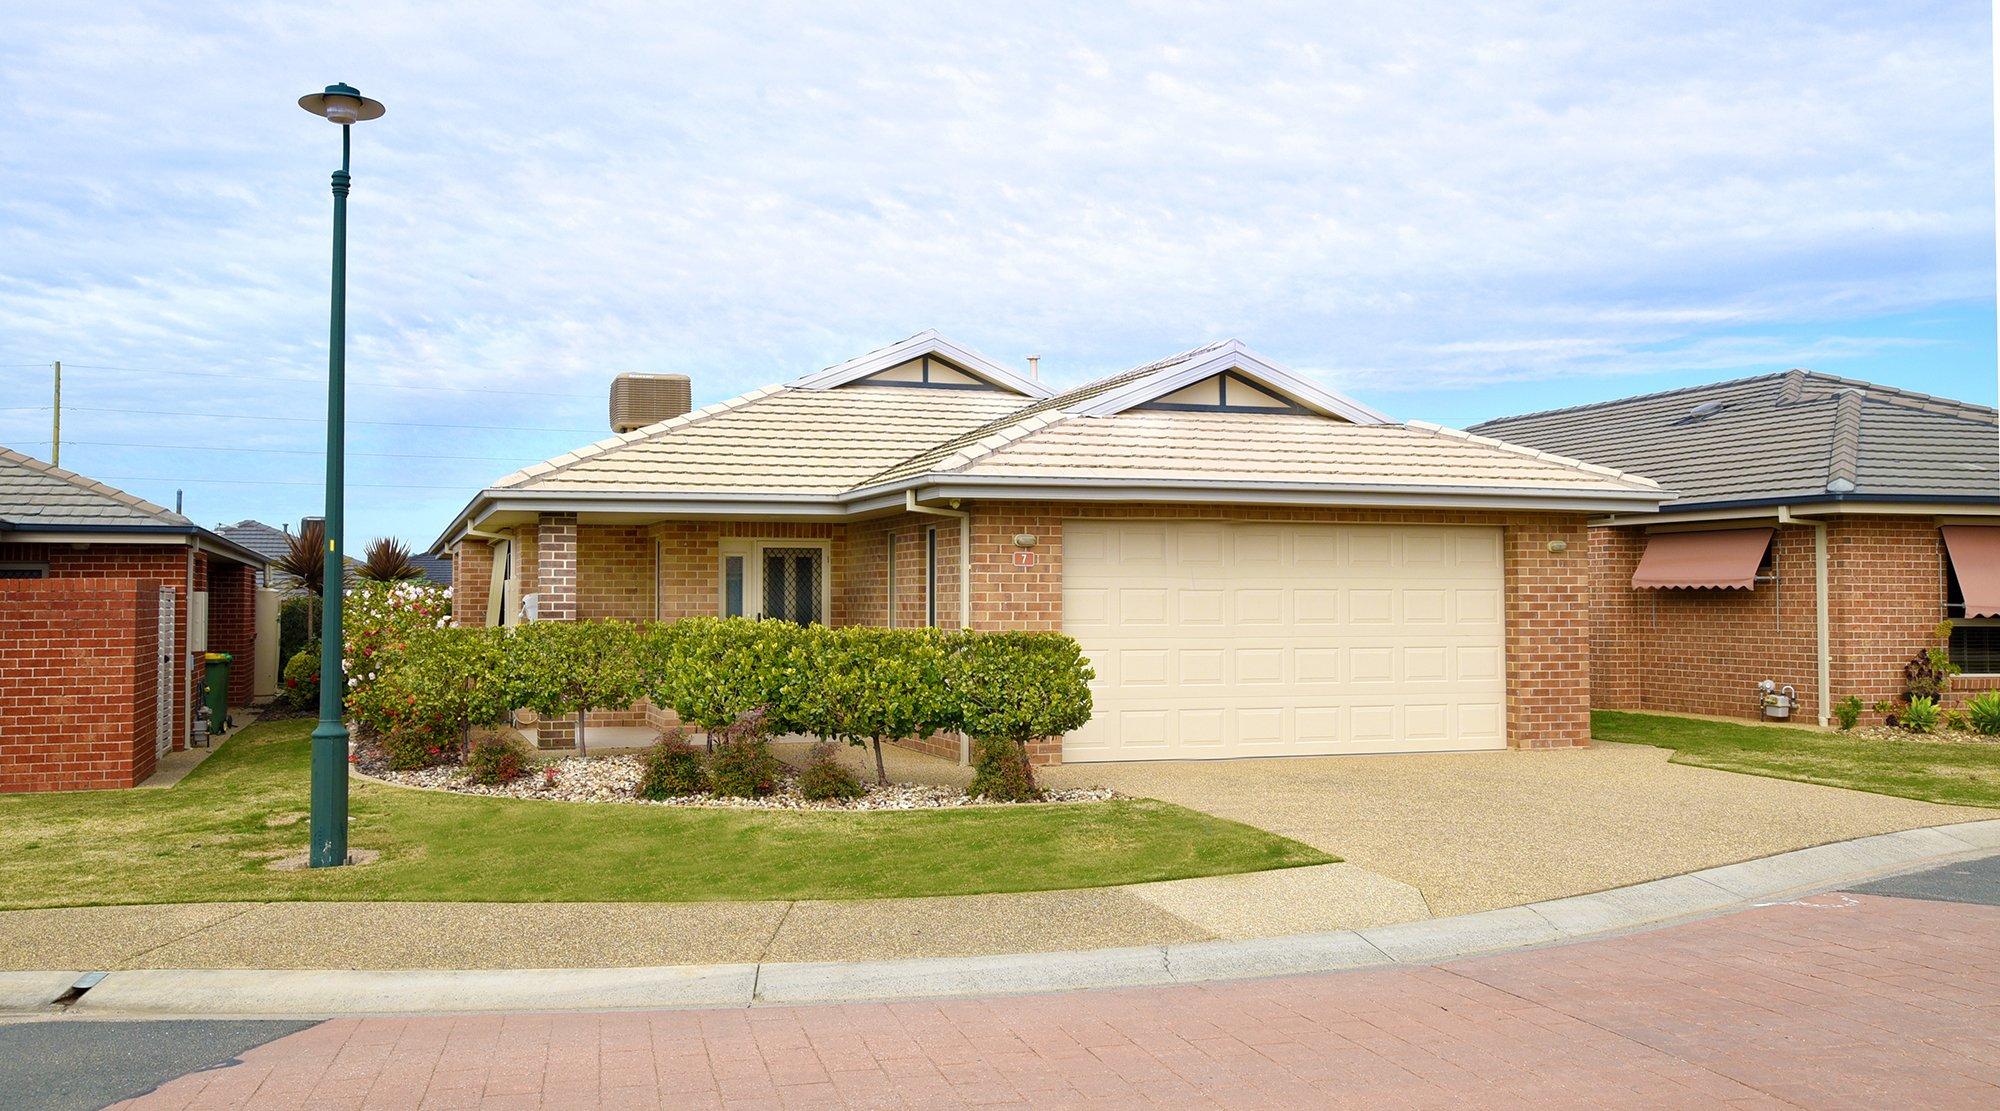 200905 House 7 Exterior LR